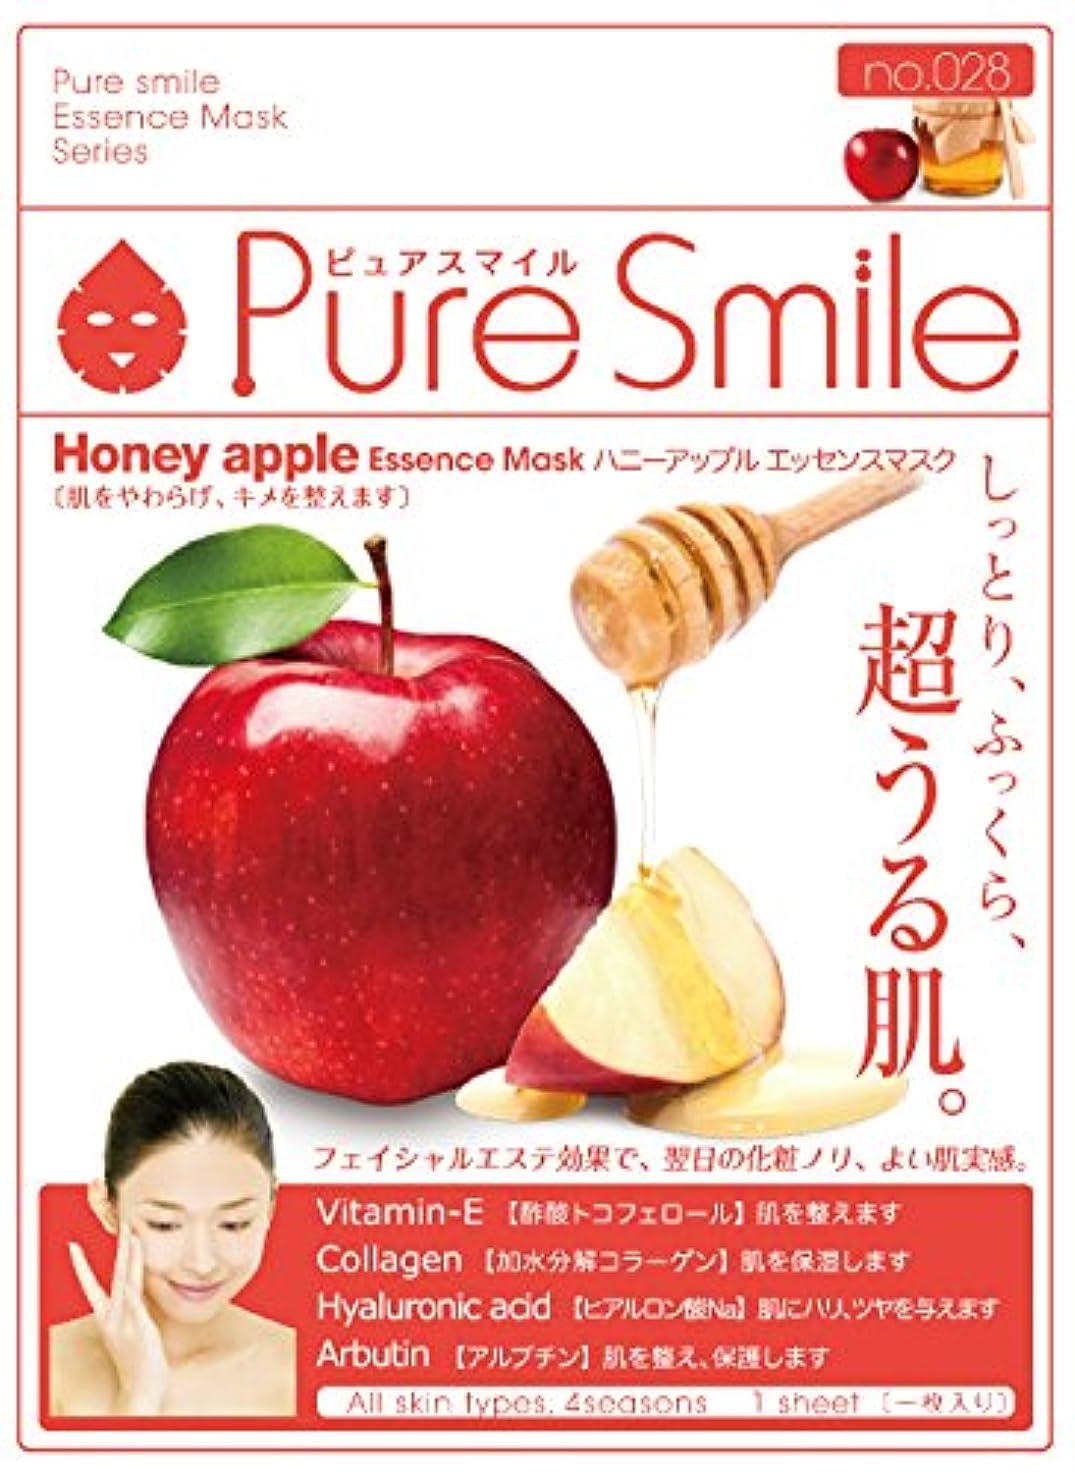 文庫本アーカイブ抵当Pure Smile エッセンスマスク ハニーアップル 23ml?30枚